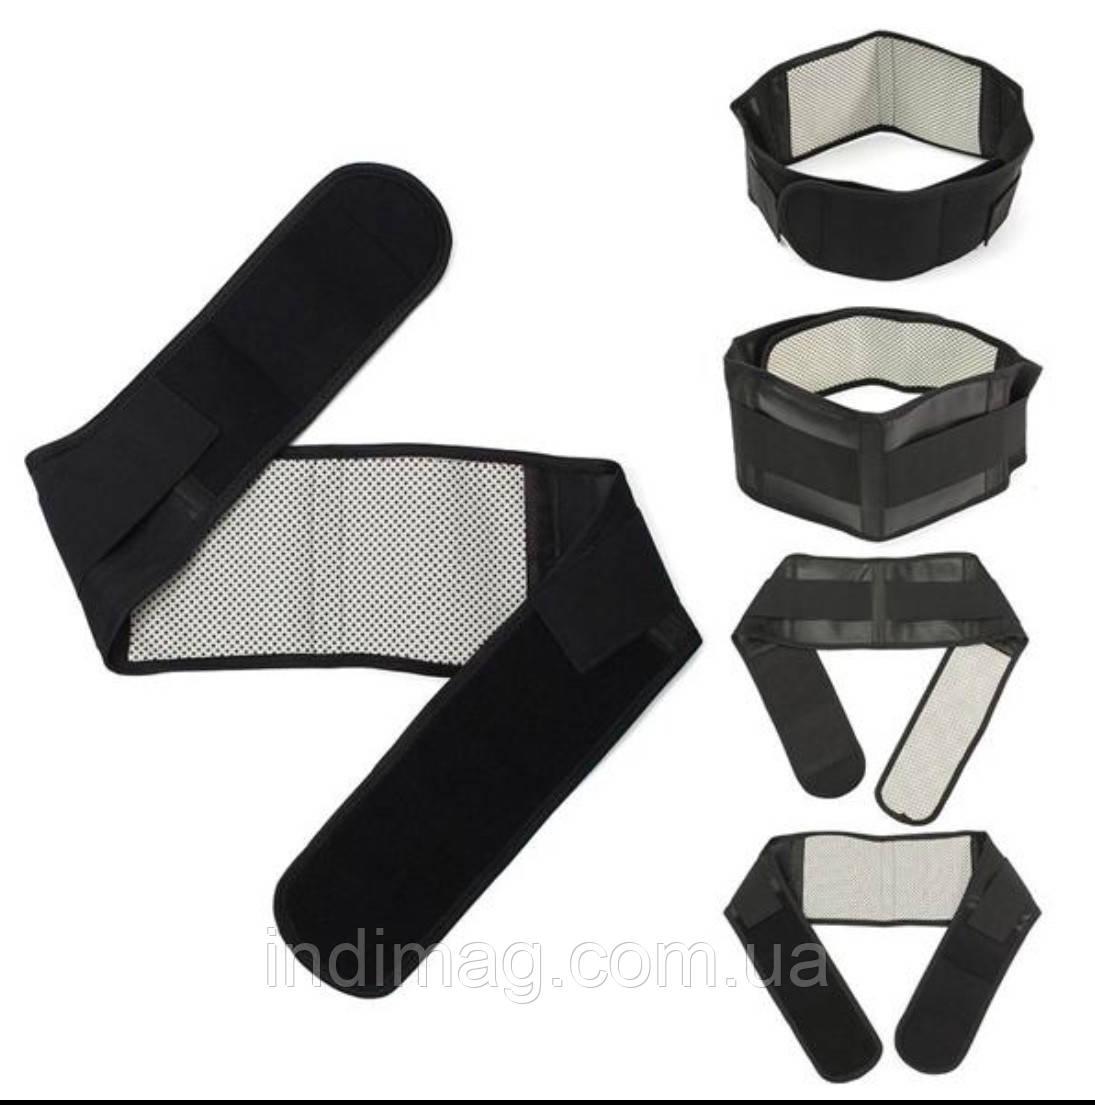 Набор турмалиновых изделий: воротник, наколенники, пояс.